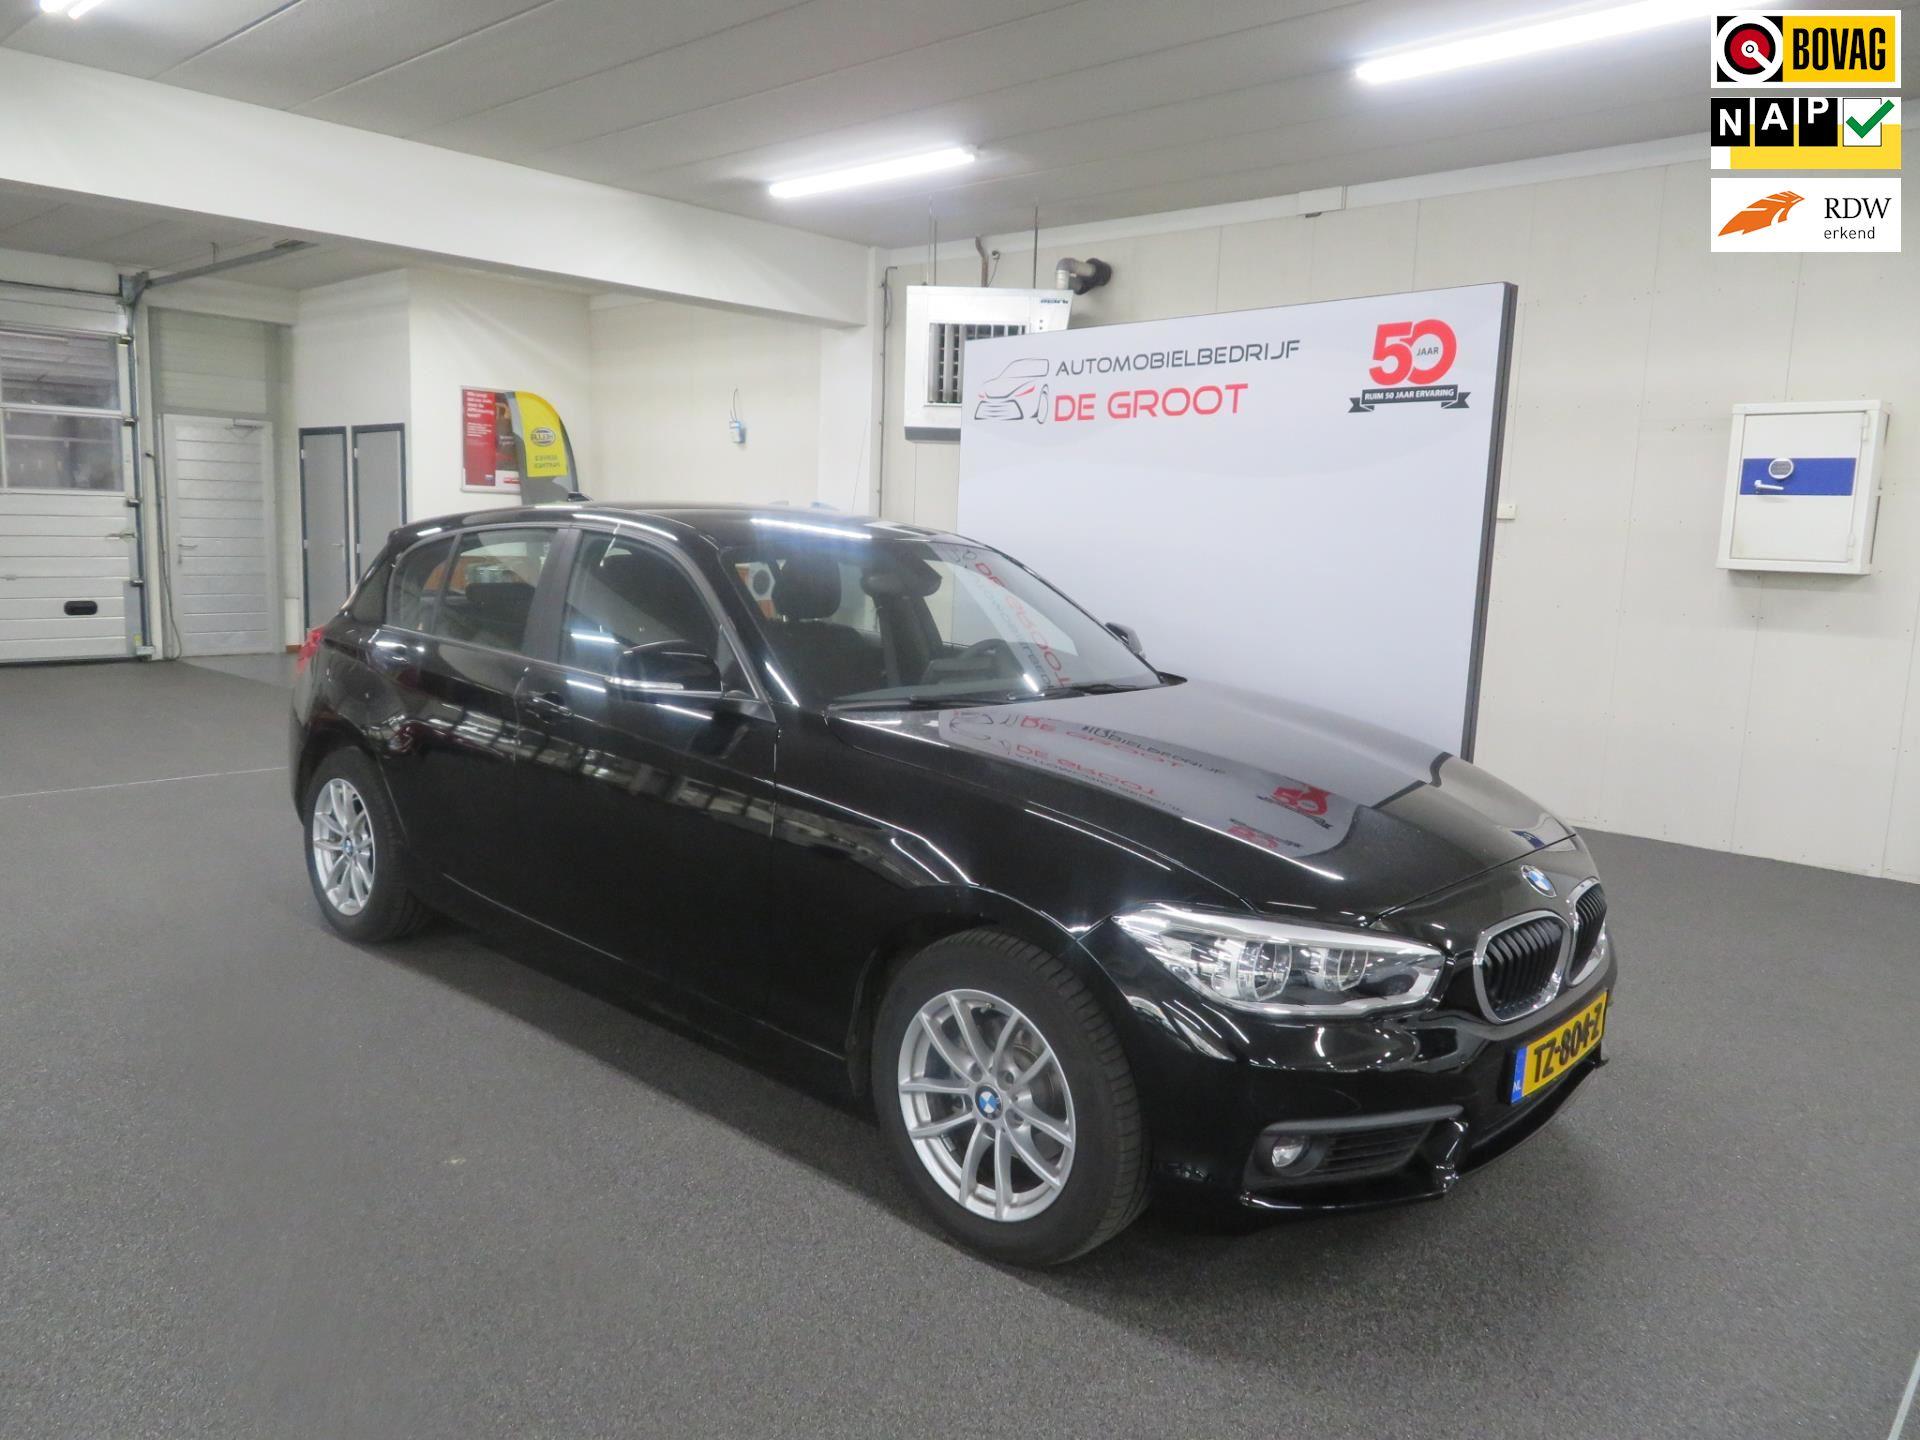 BMW 1-serie occasion - Automobielbedrijf de Groot